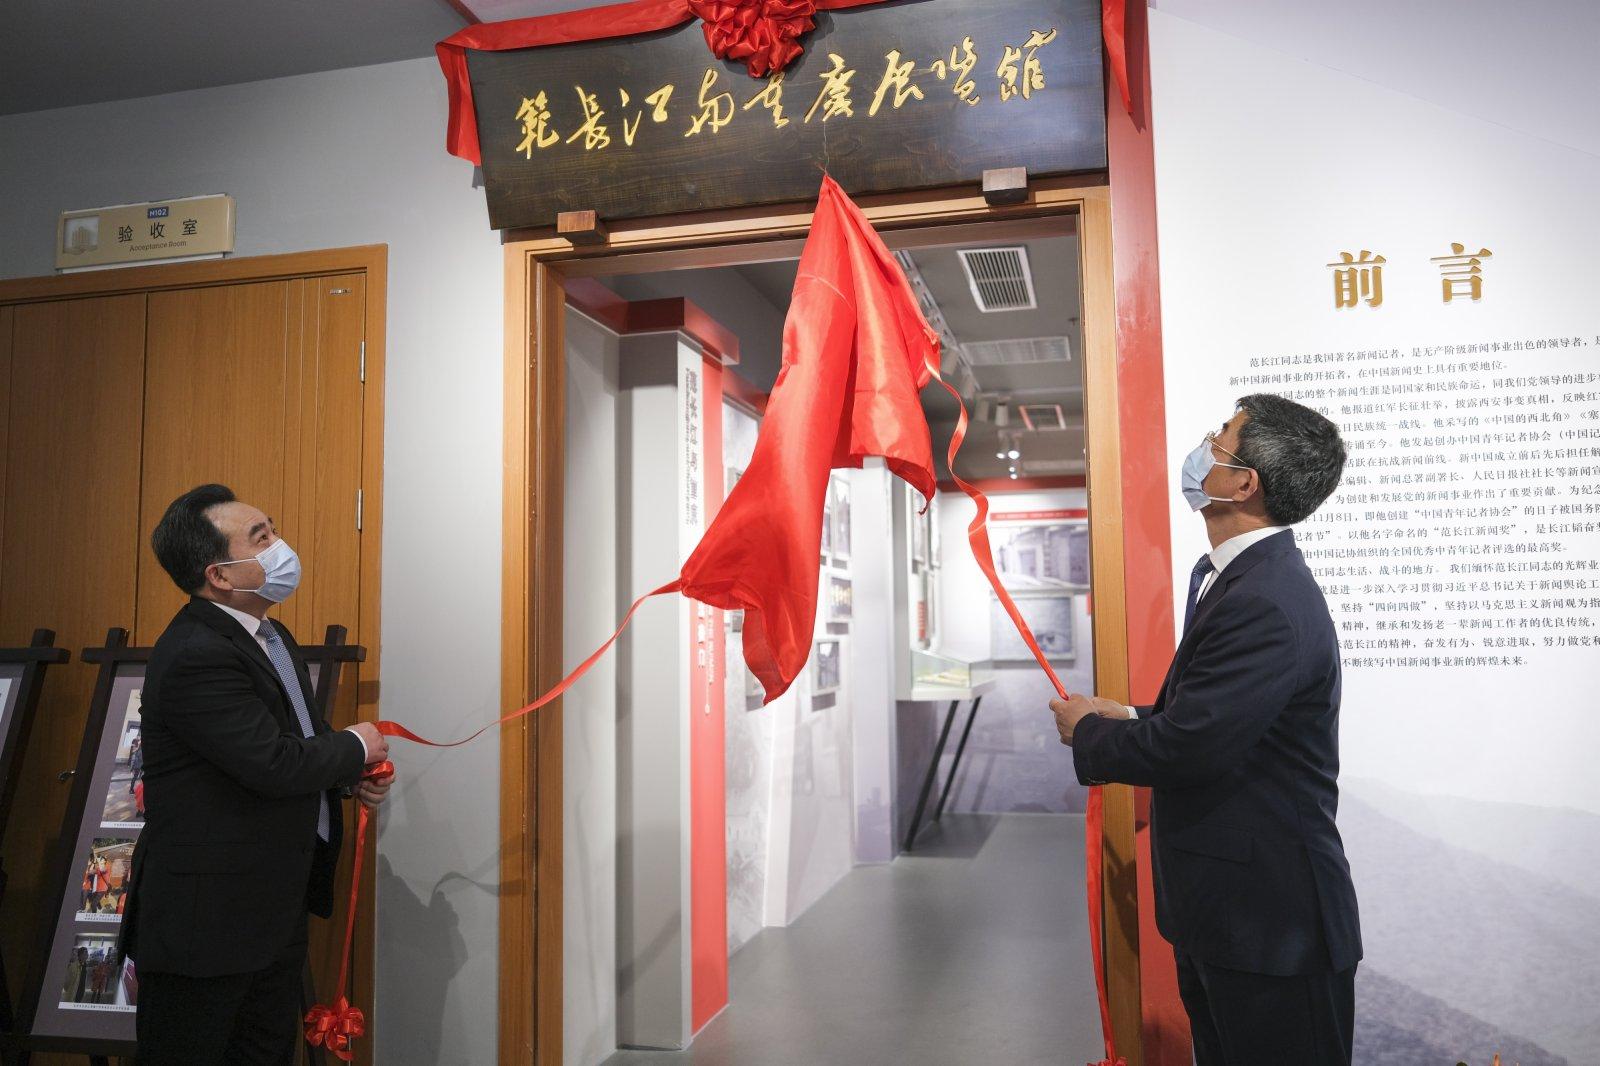 「范長江與重慶」展覽館揭牌。